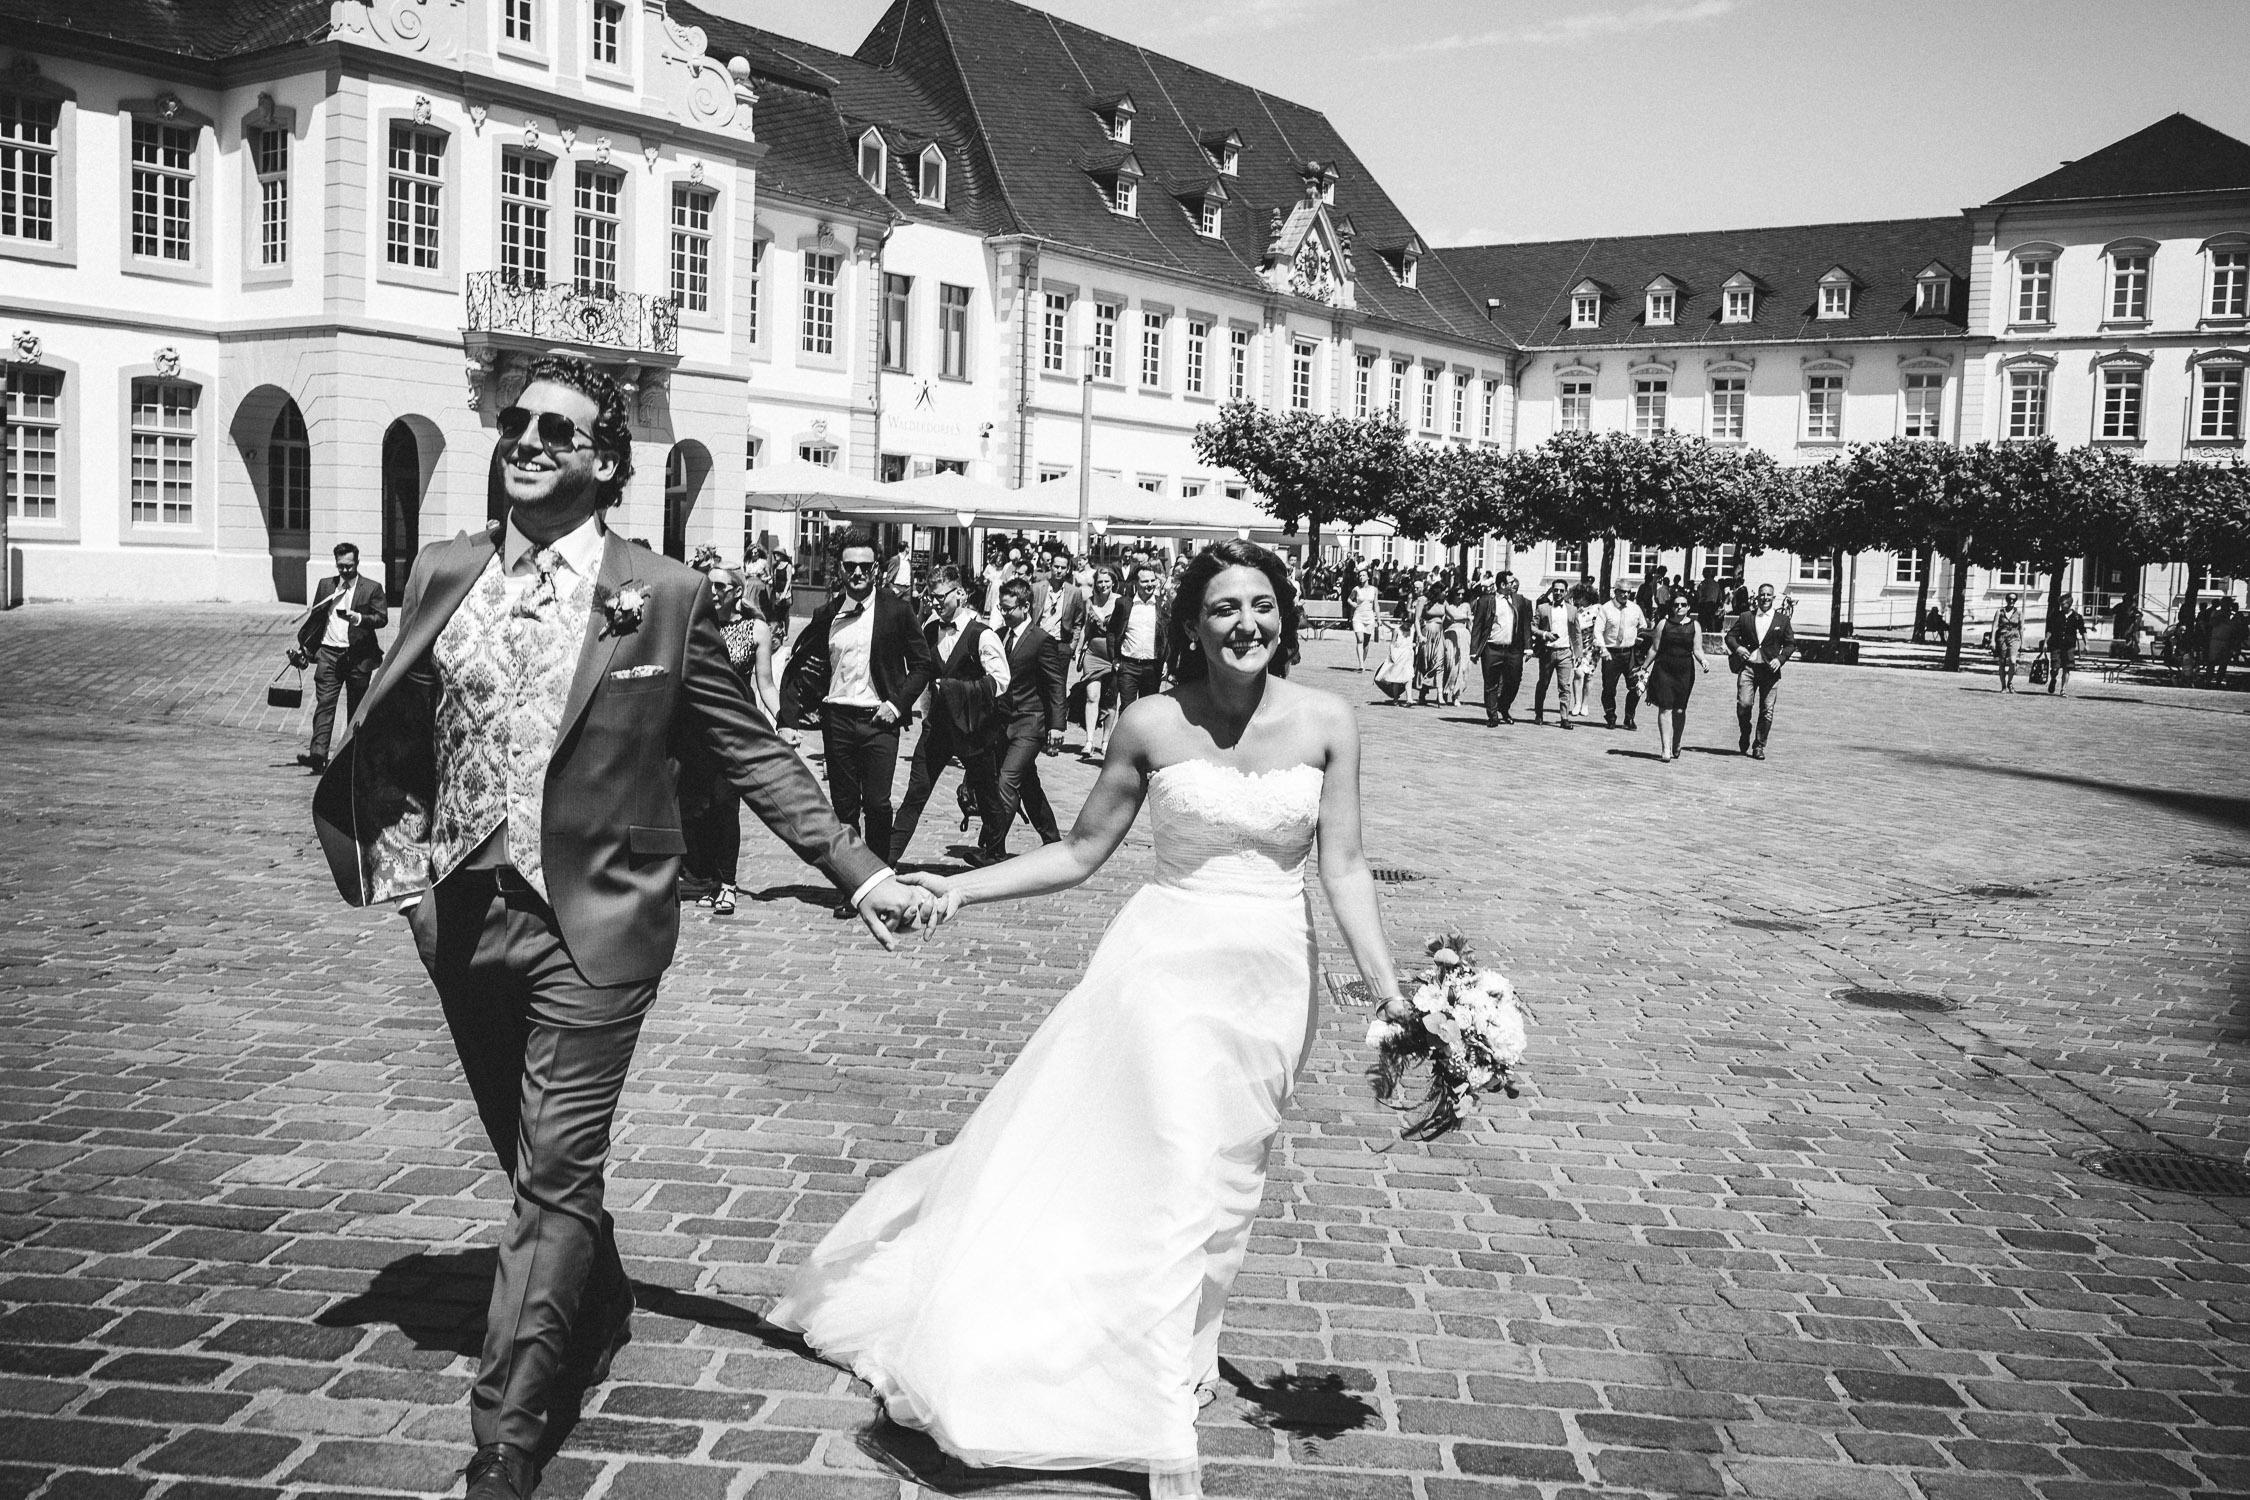 Das frisch vermählte Brautpaar geht über dem Domplatz in Trier Richtung Kurfürstliches Palais